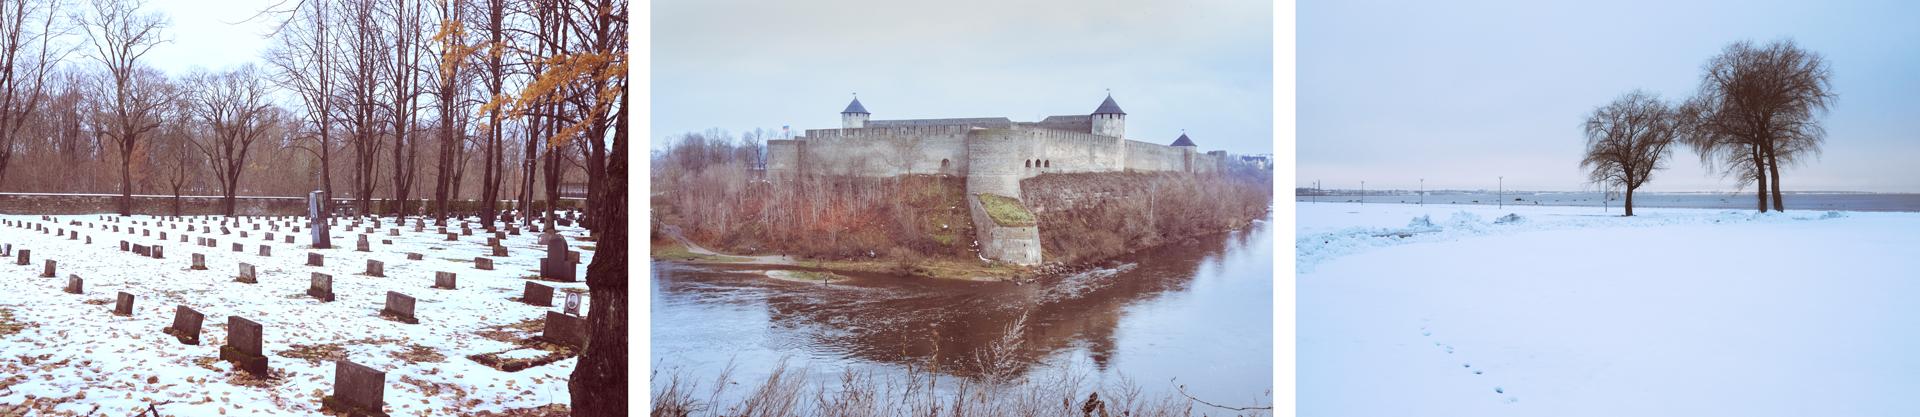 Soviet cemetery/Narva castle/Pirita tree.